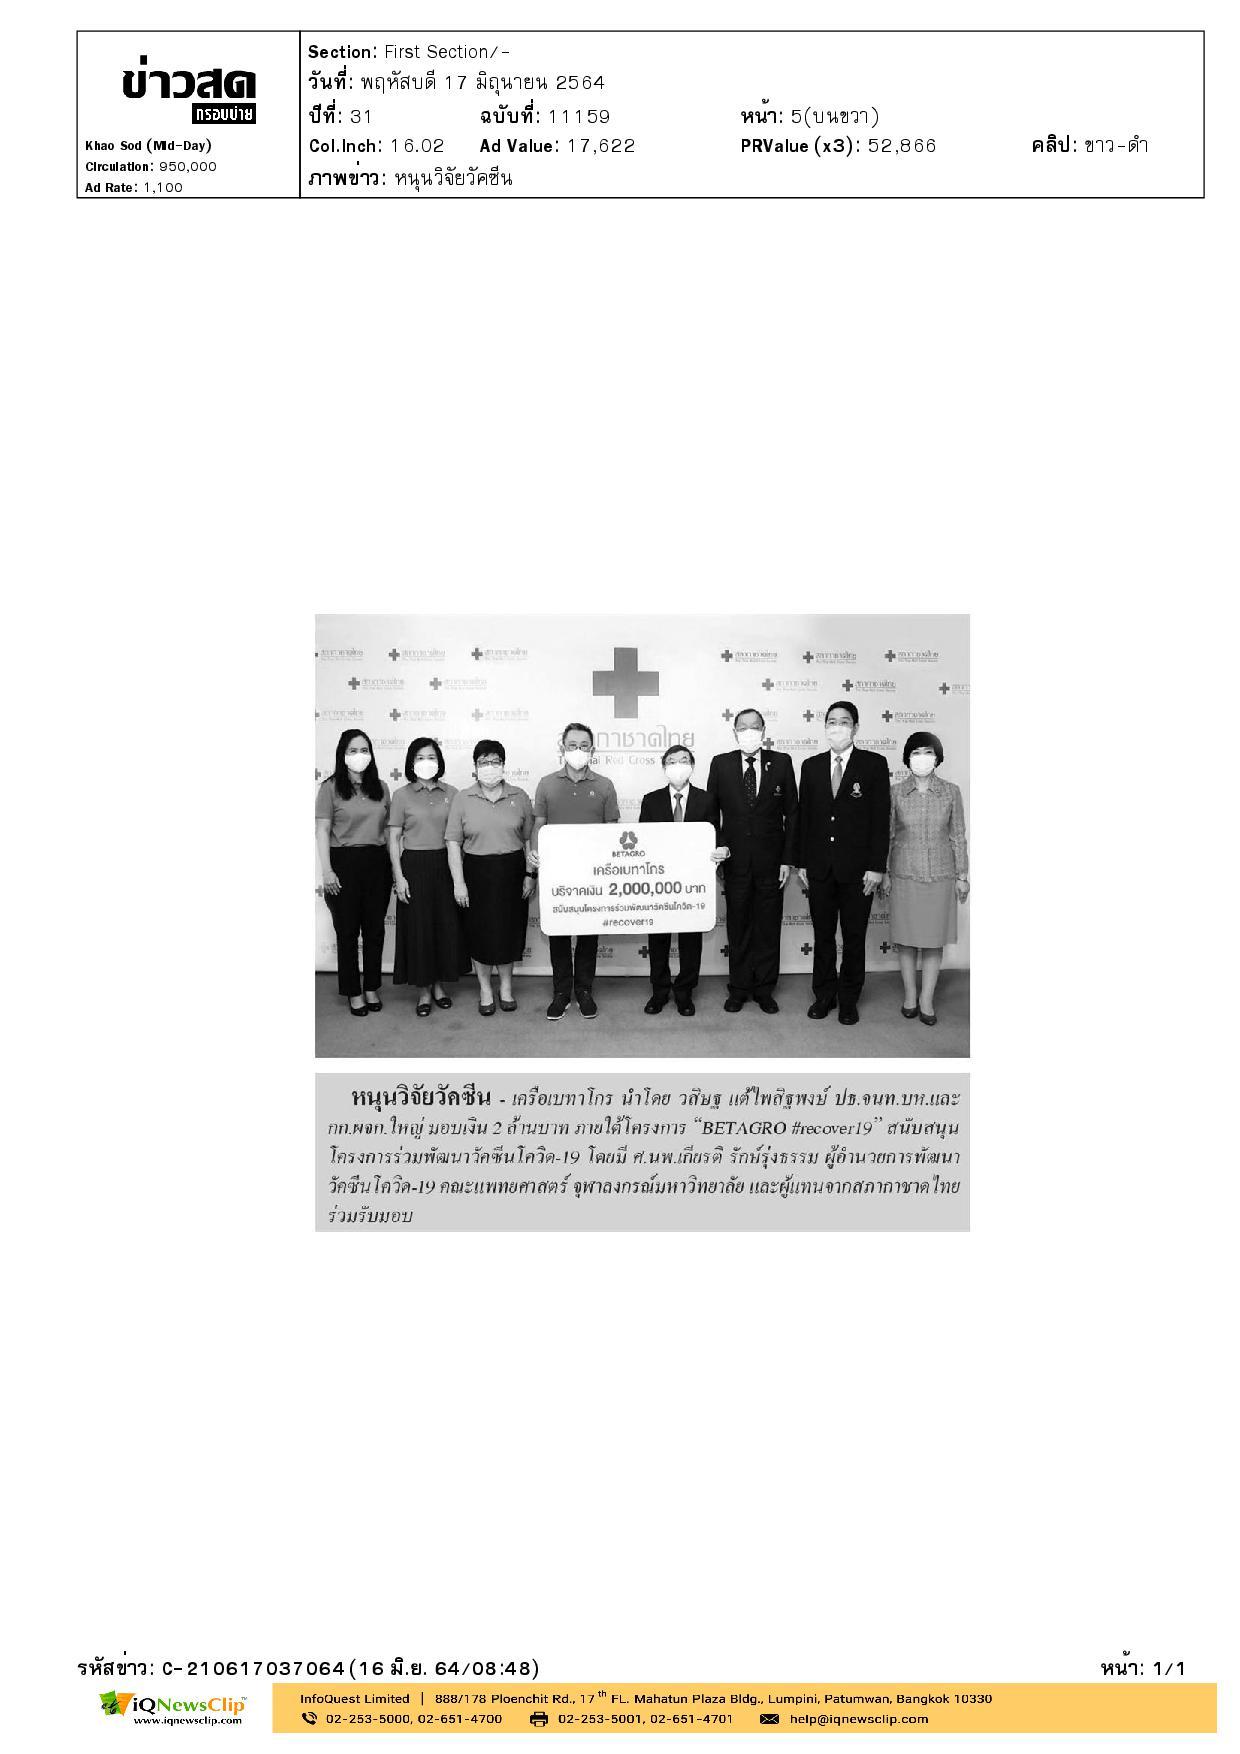 รับมอบเงินบริจาค จากเครือเบทาโกร สนับสนุนโครงการร่วมพัฒนาวัคซีนโควิด-19